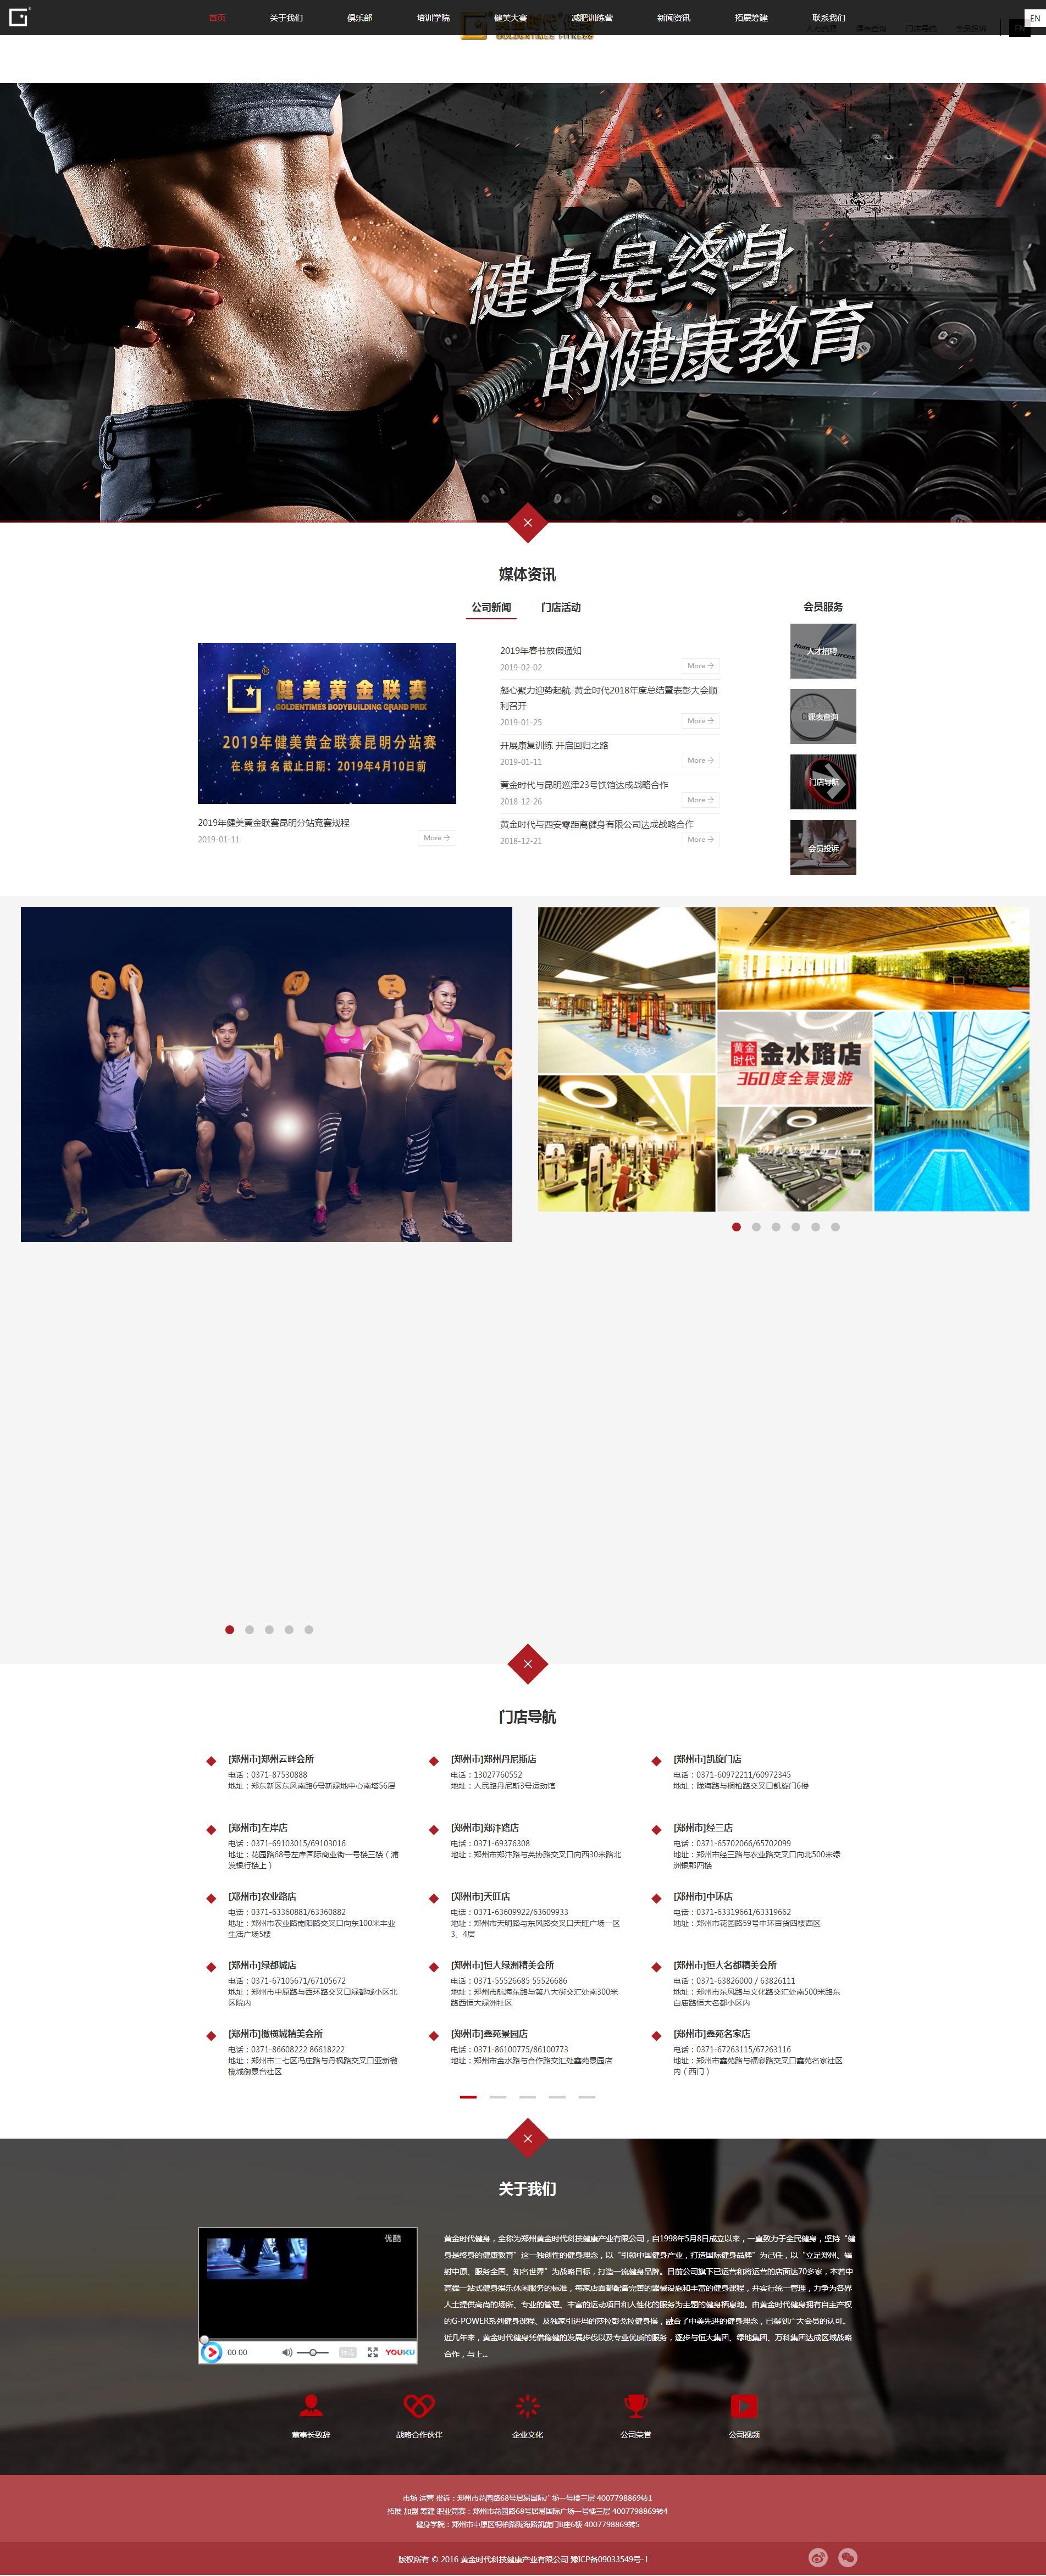 健身行业ope官方ope官方ope官方网站下载下载下载案例.jpg